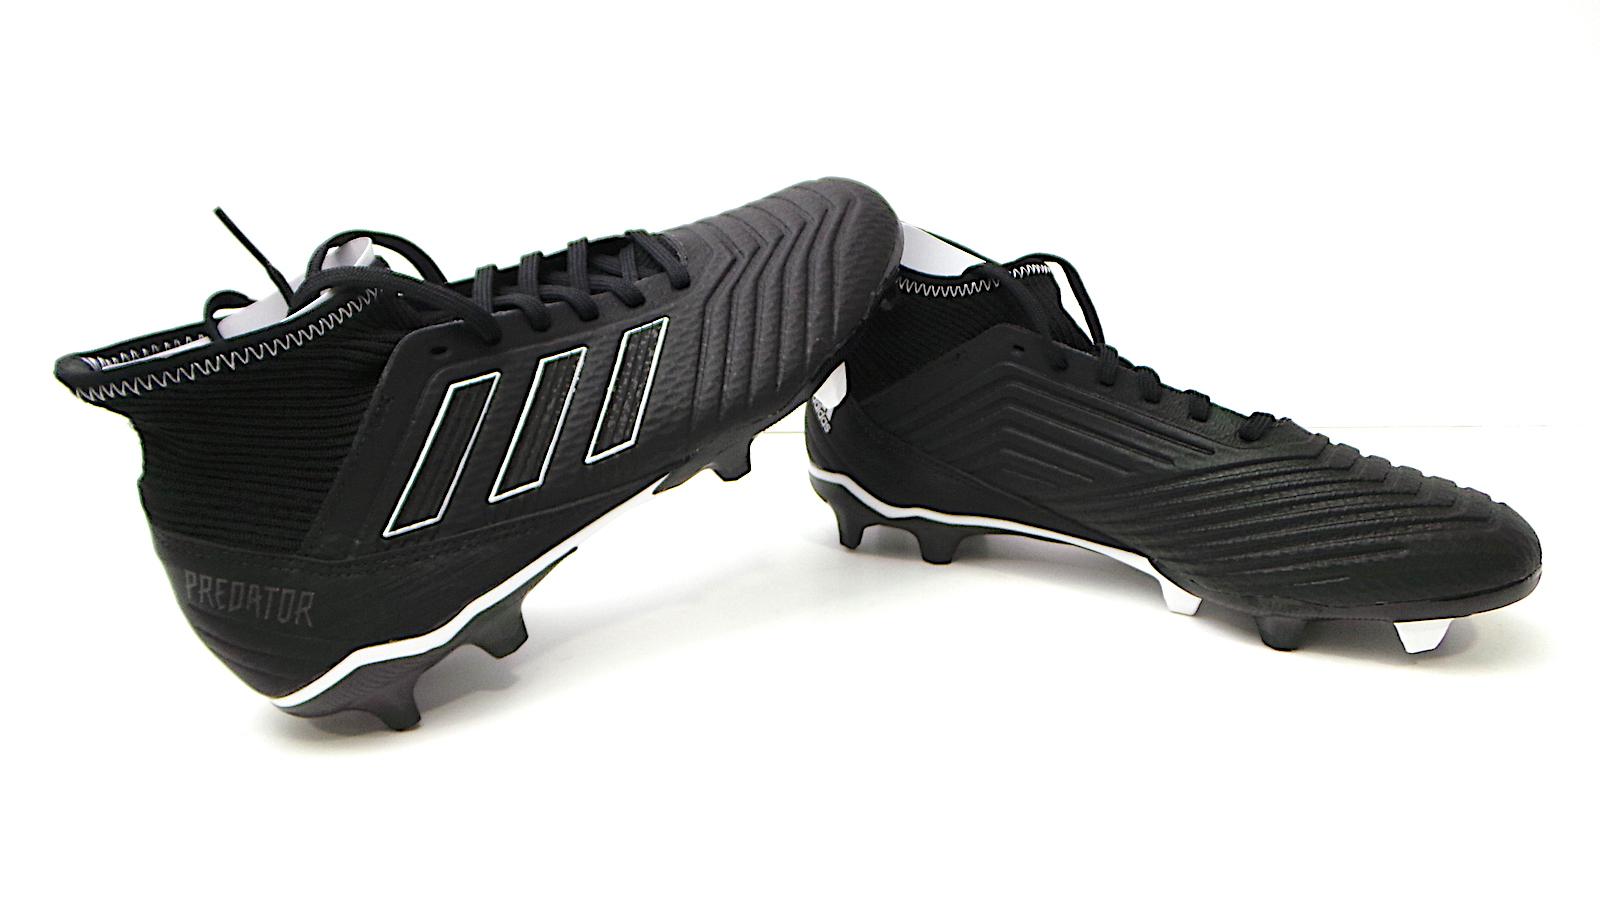 3 Adidas Db2000 Predator Fg Scarpe Calcio 18 yb76gf